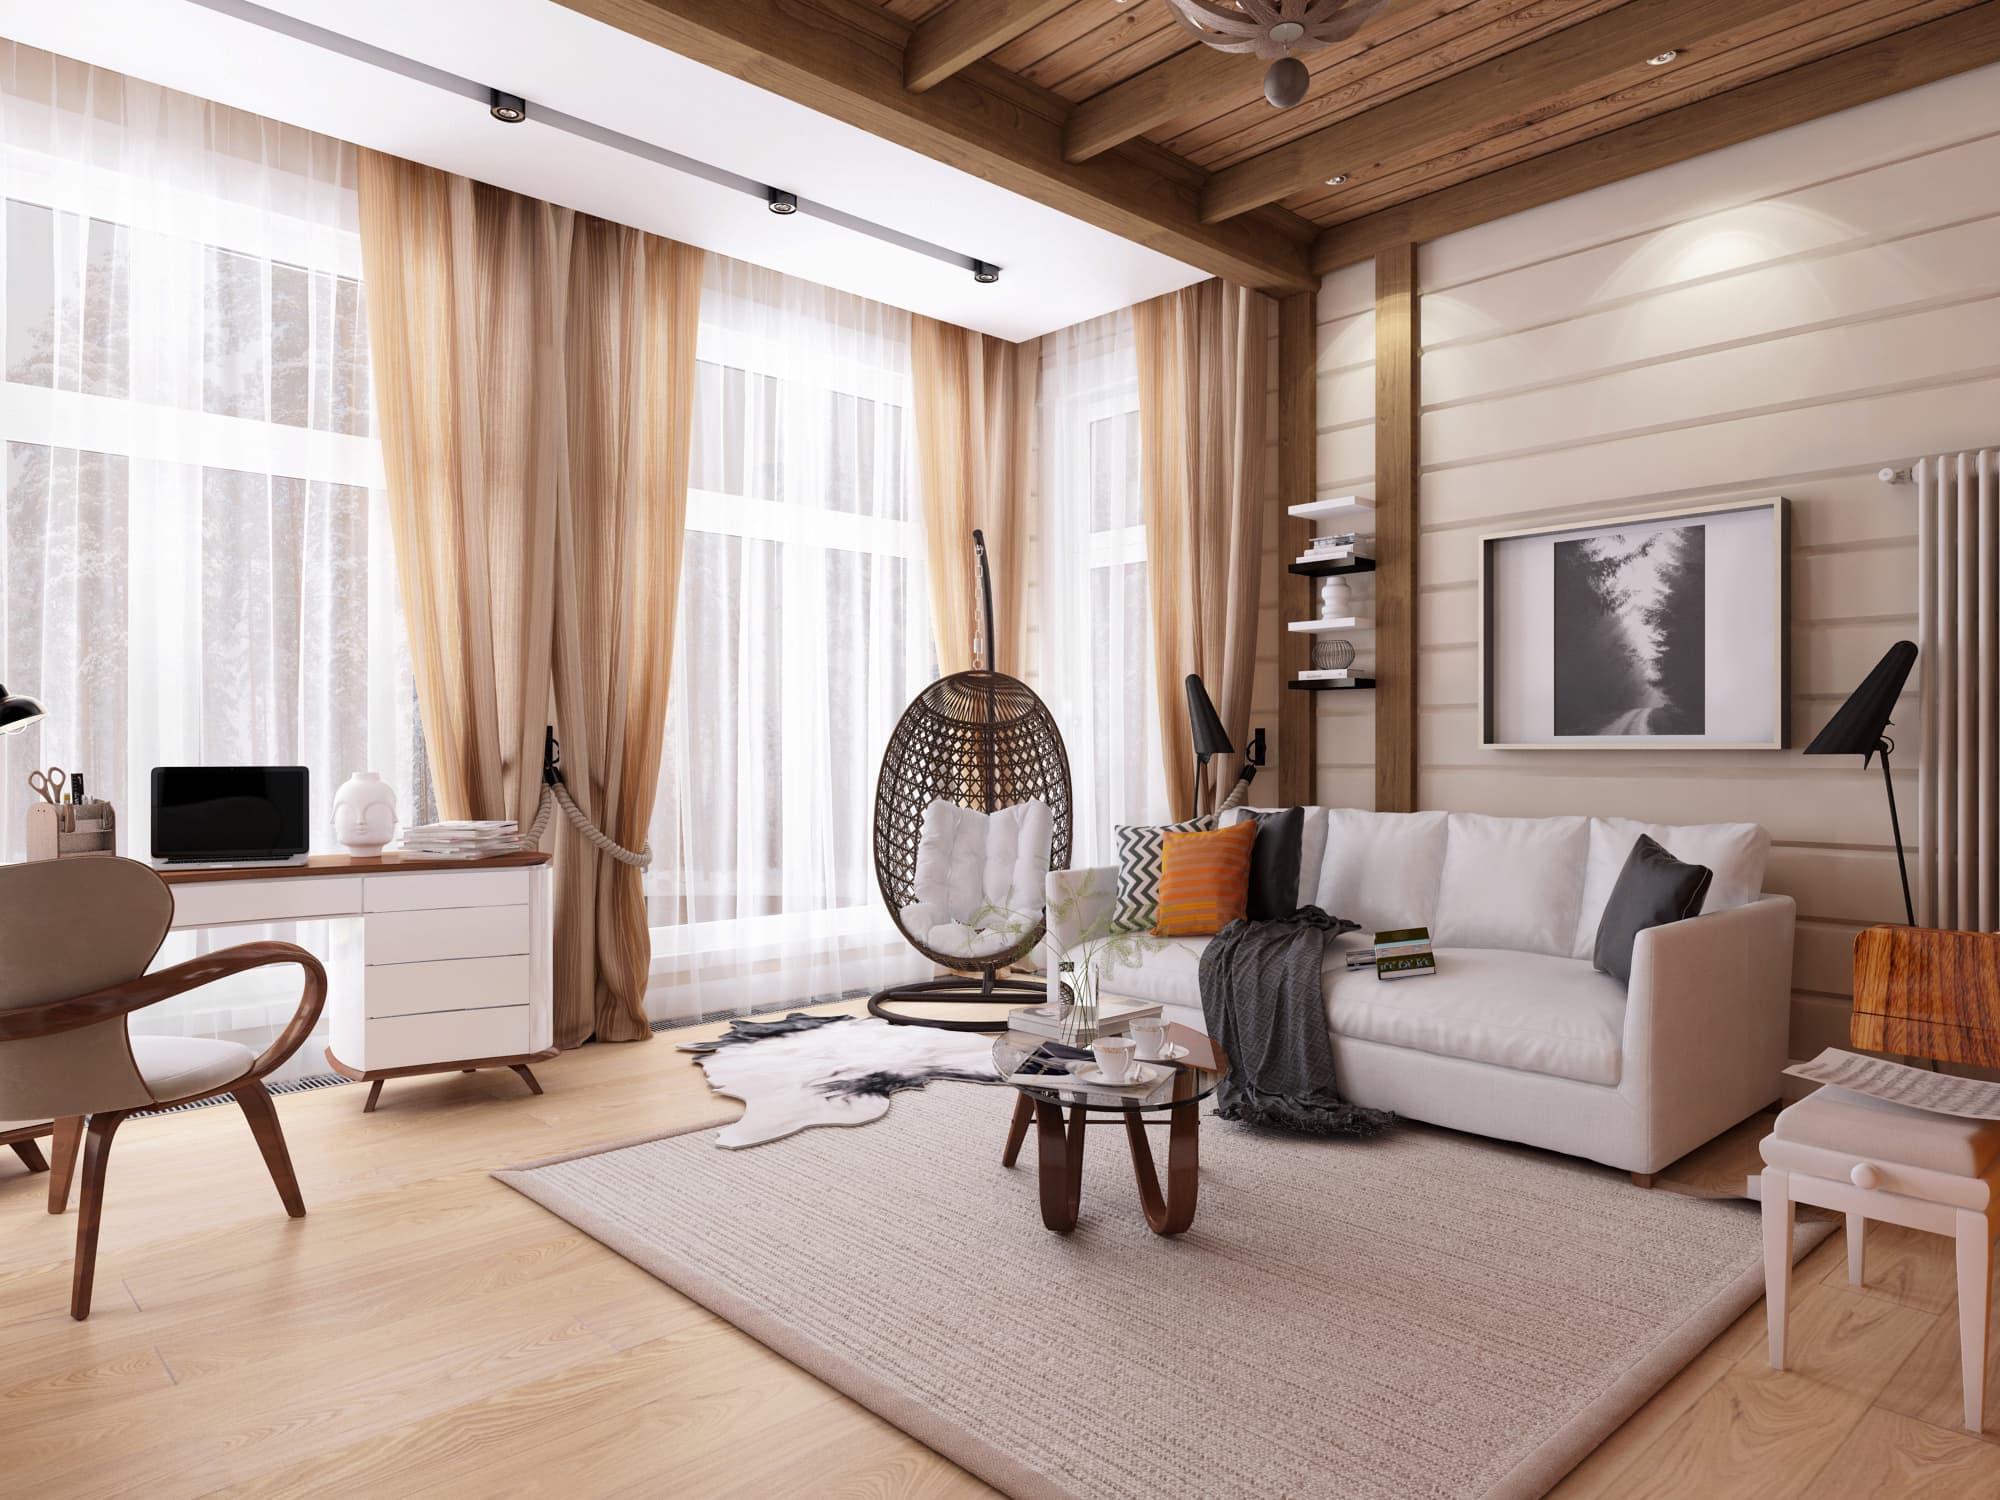 Прозрачный тюль дополняет концепцию комнаты